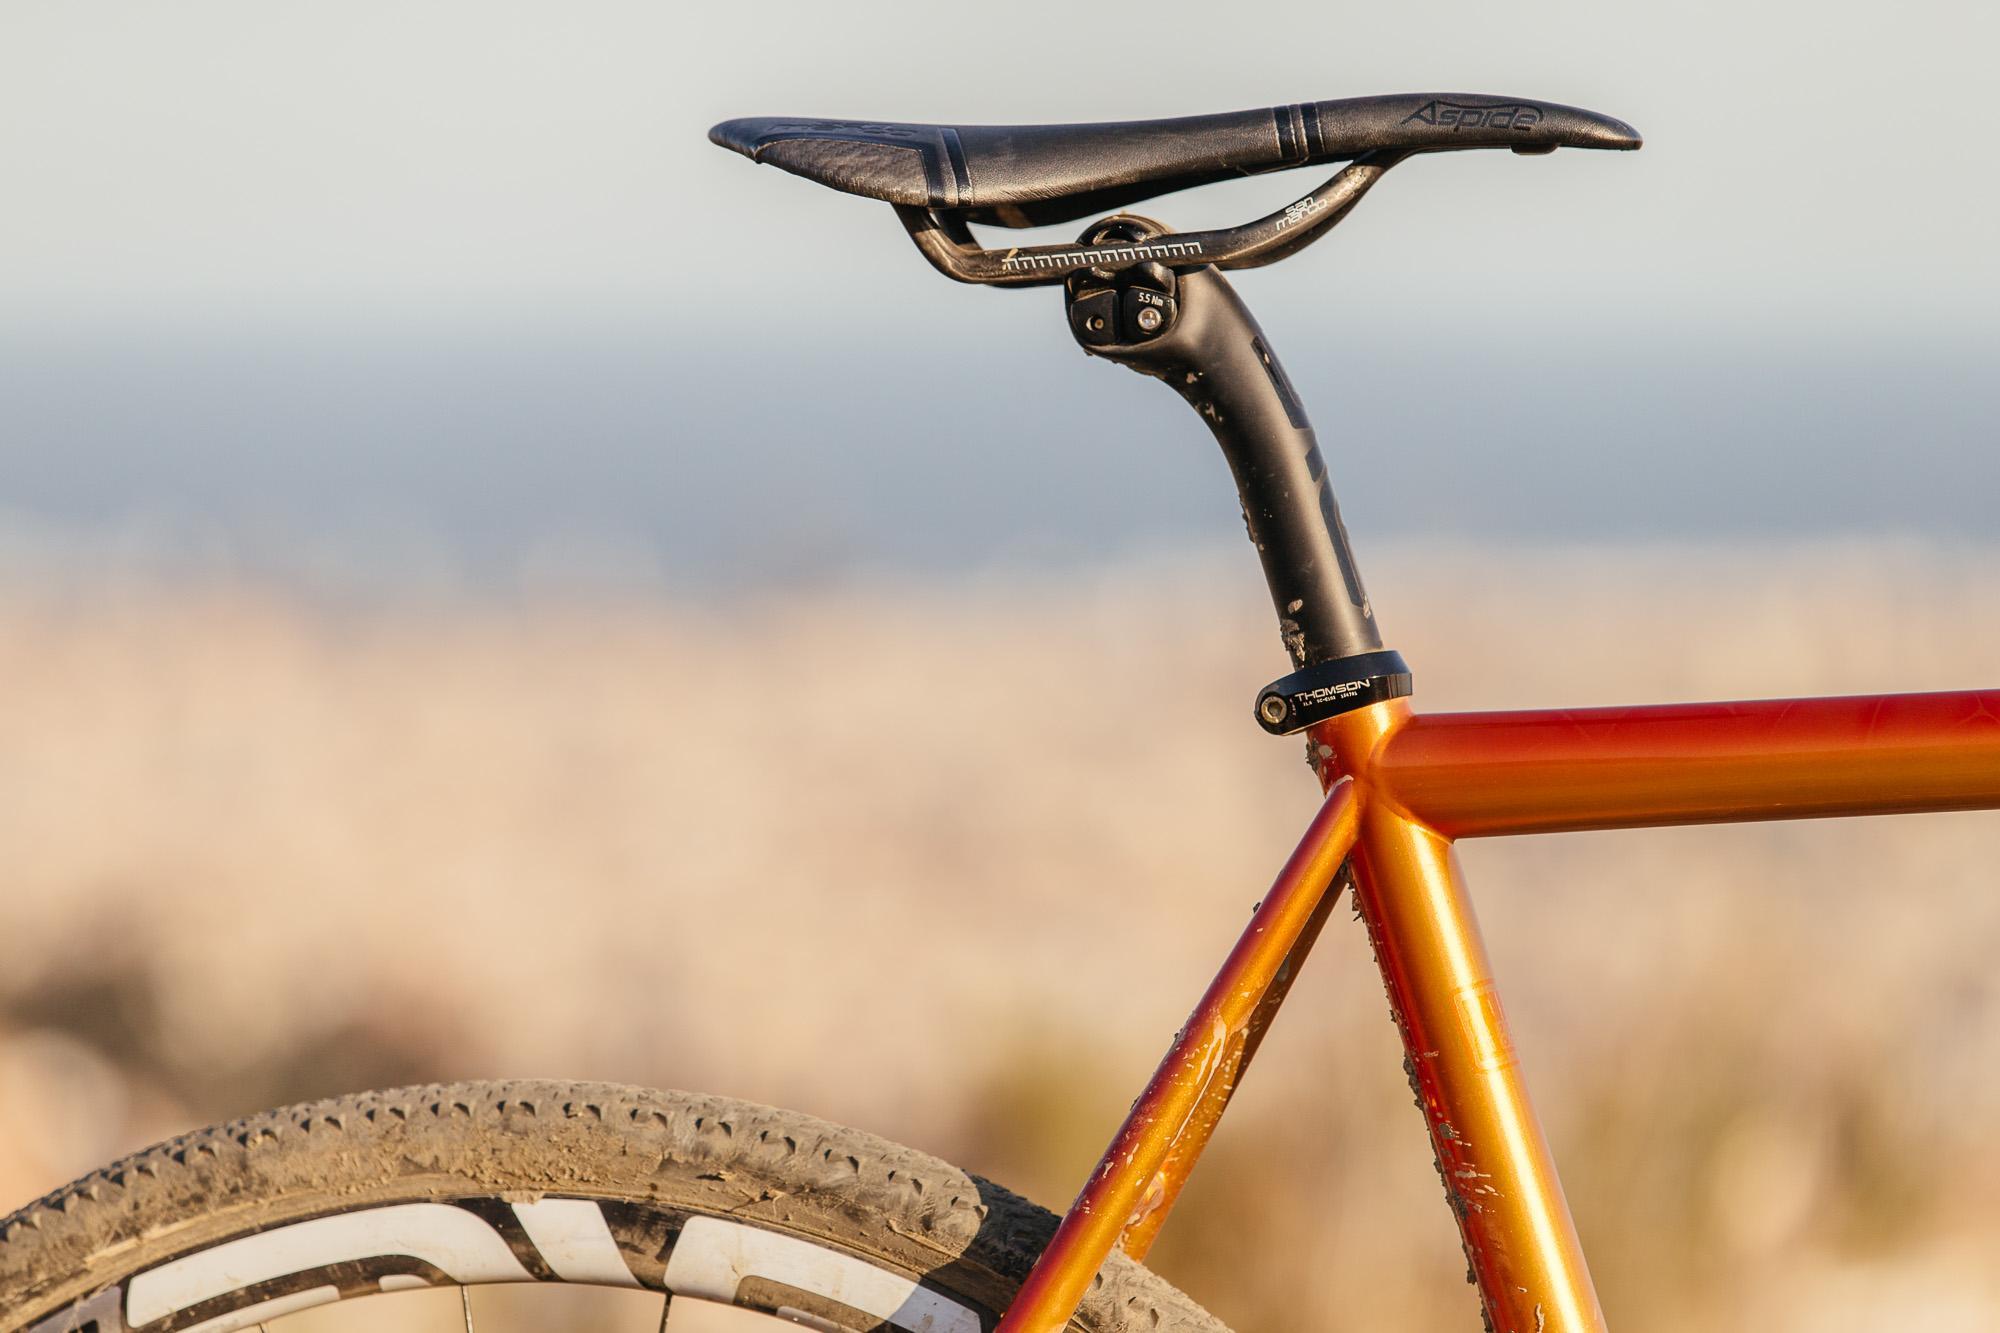 Mattia's Legor Cicli Porreca All Road